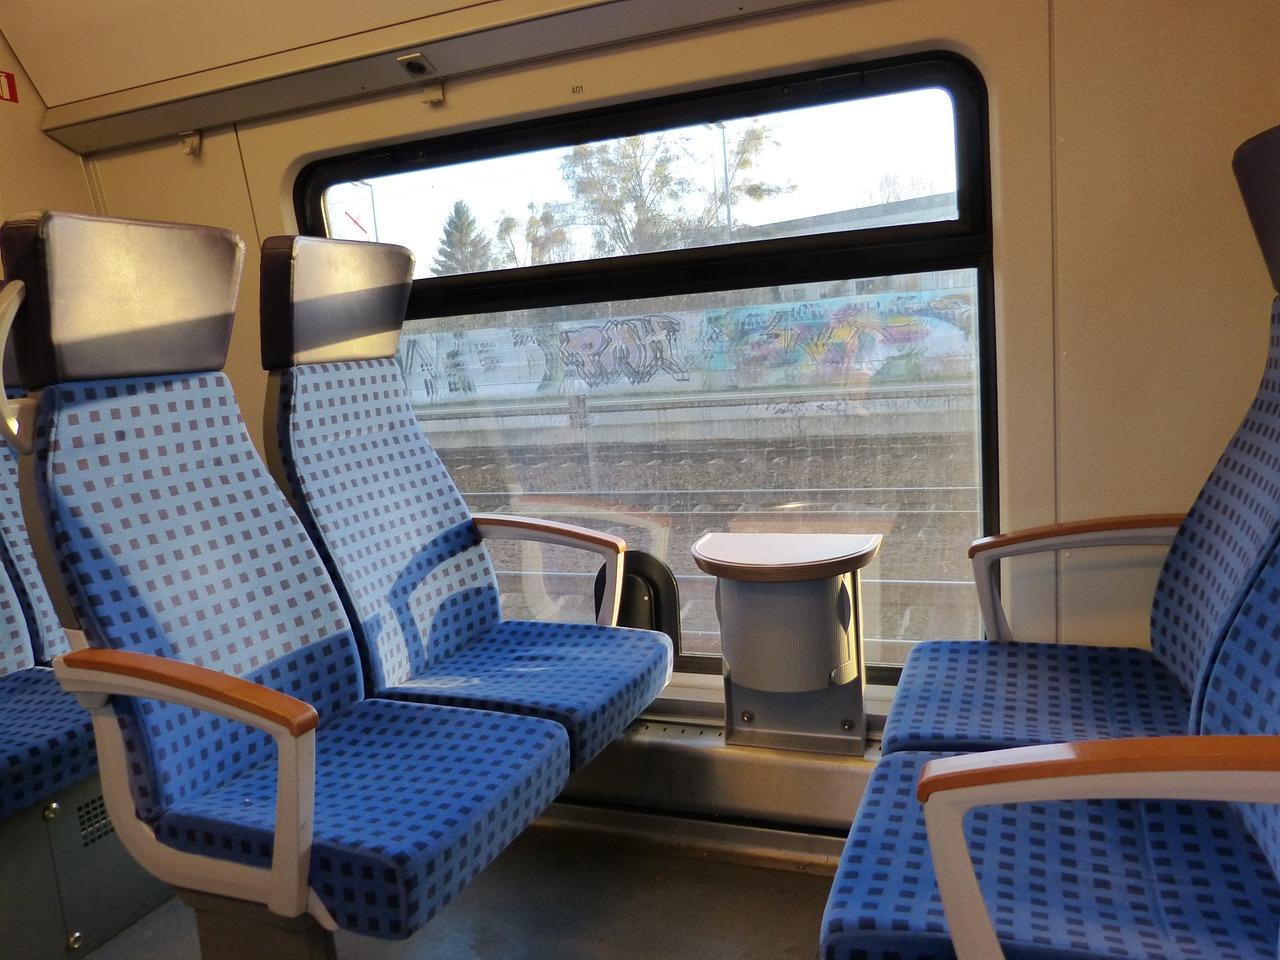 Bilety ZDiTM będą działać w pociągach jeszcze dłużej?